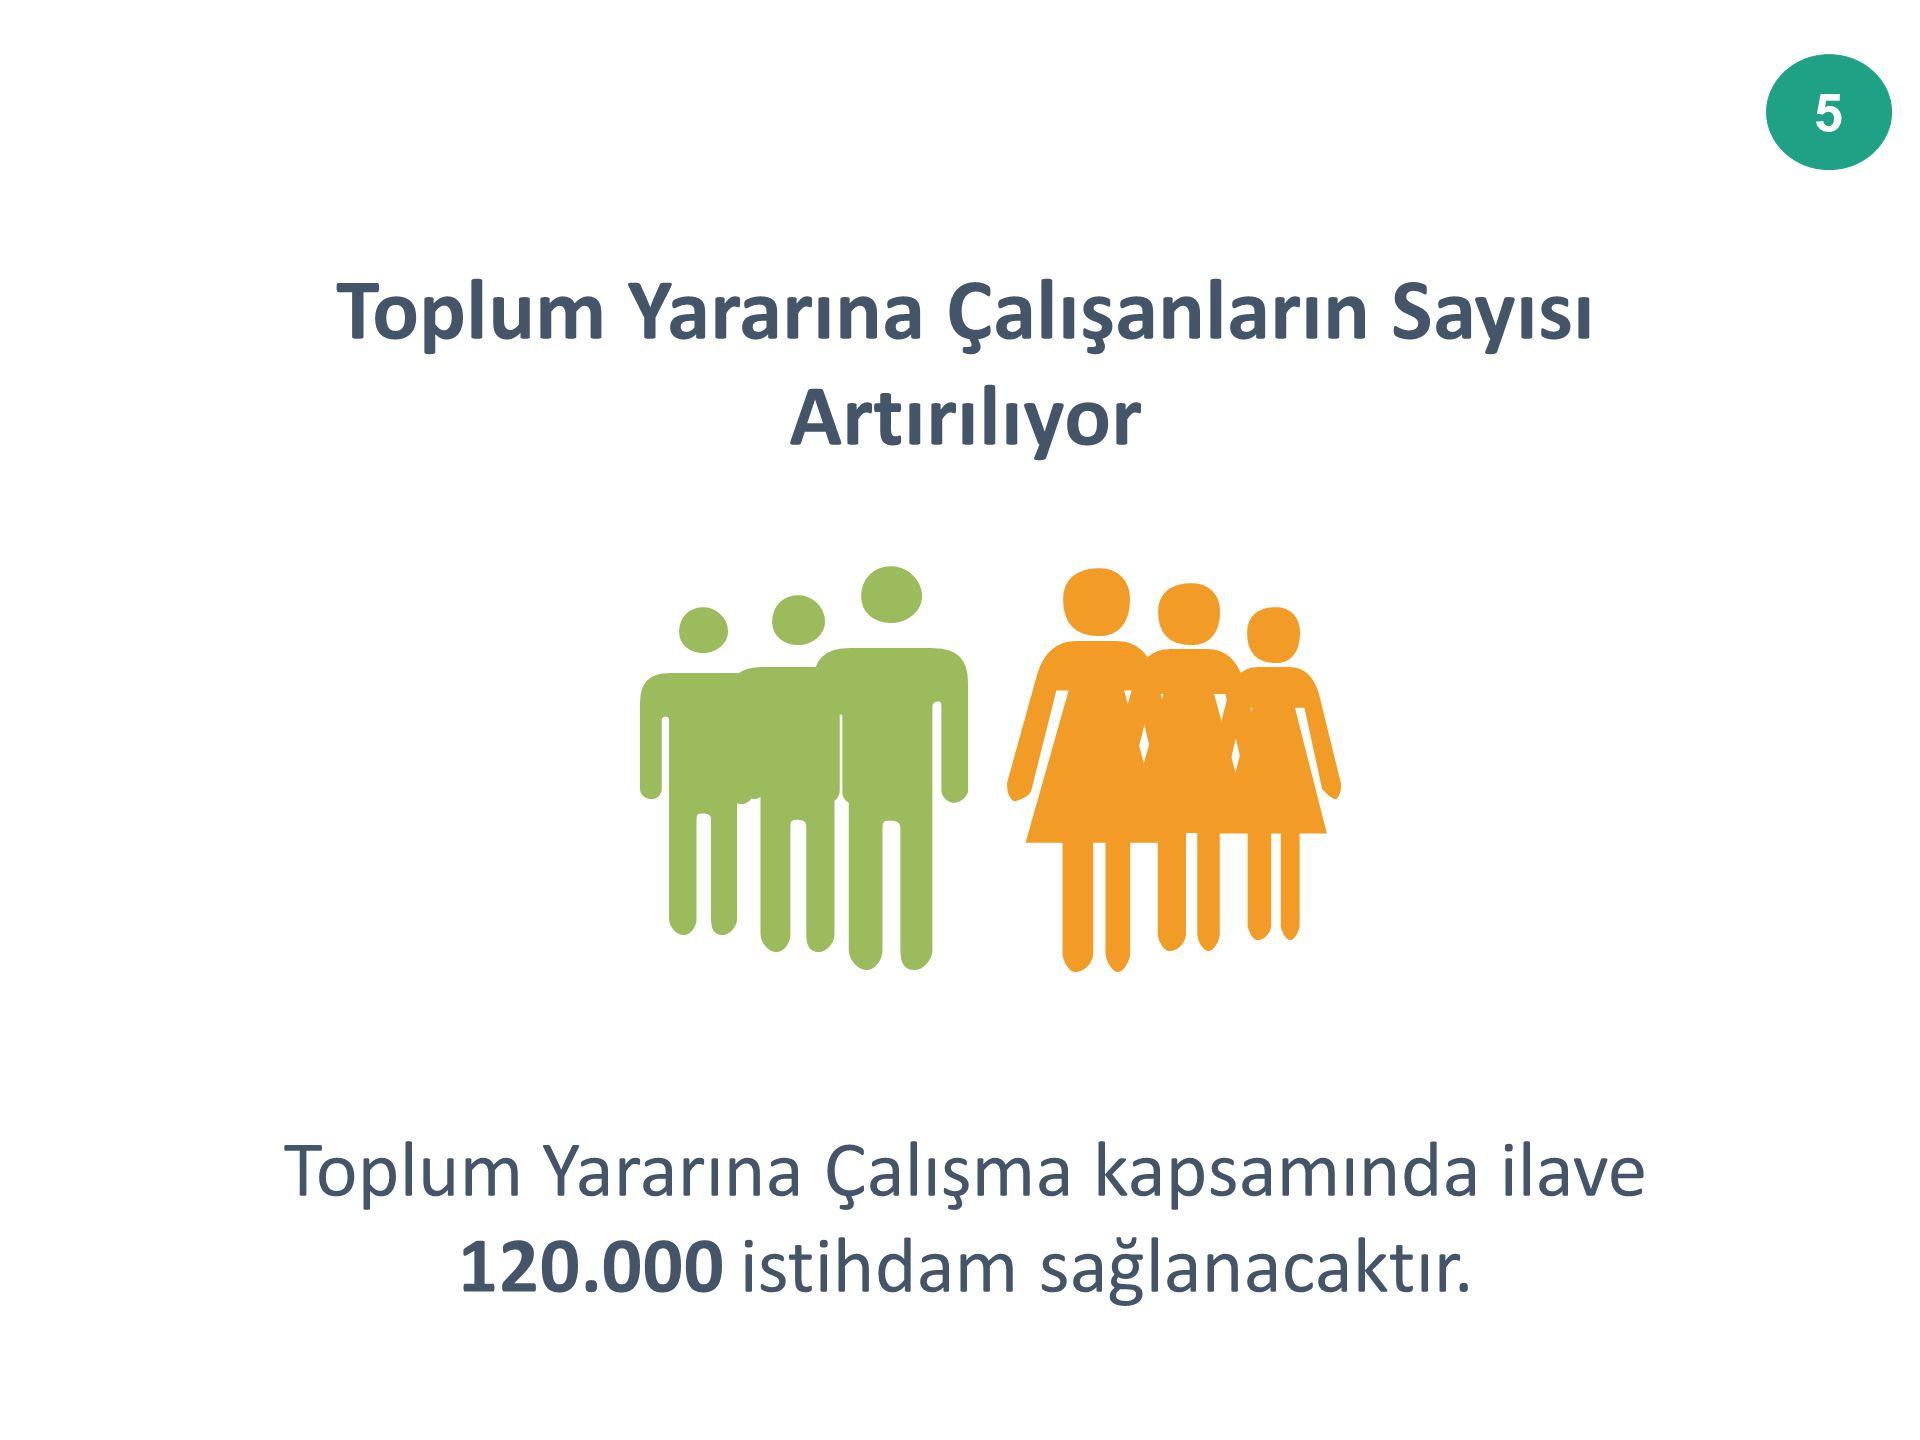 5 Toplum Yararına Çalışma kapsamında ilave 120.000 istihdam sağlanacaktır.